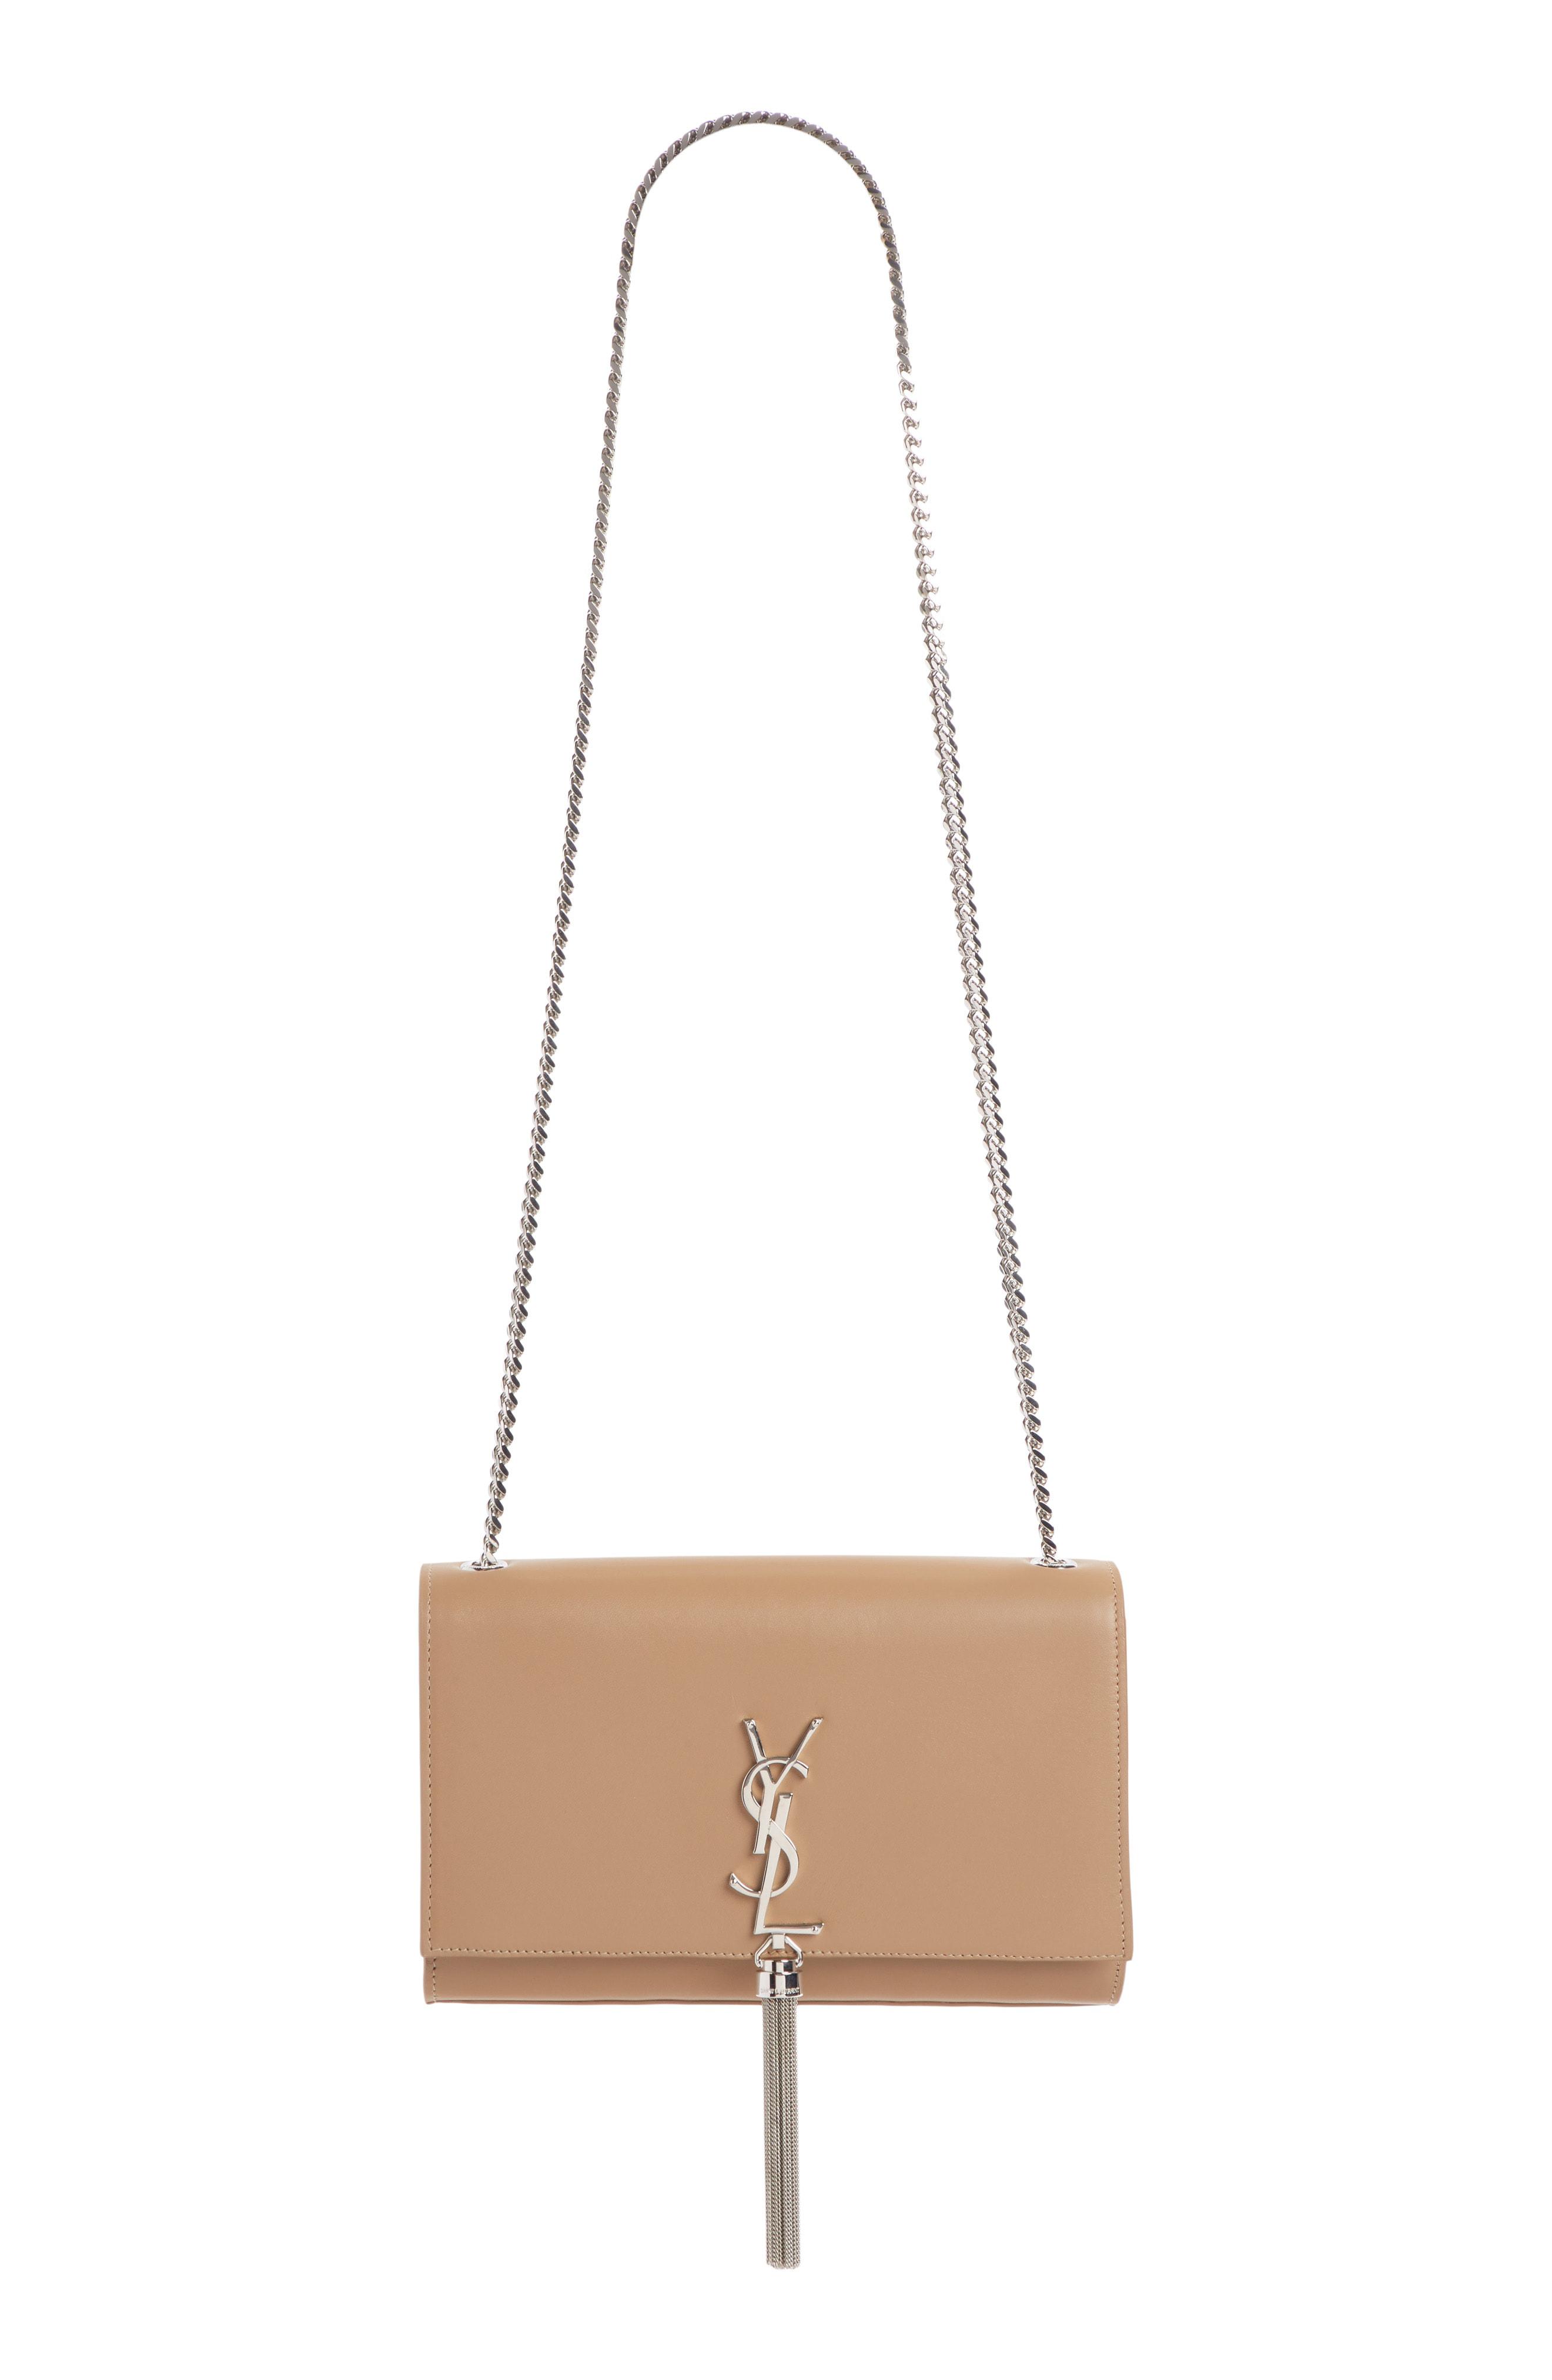 08ba6de201f1 Saint Laurent Medium Kate - Tassel Calfskin Leather Shoulder Bag In Taupe  Fonce